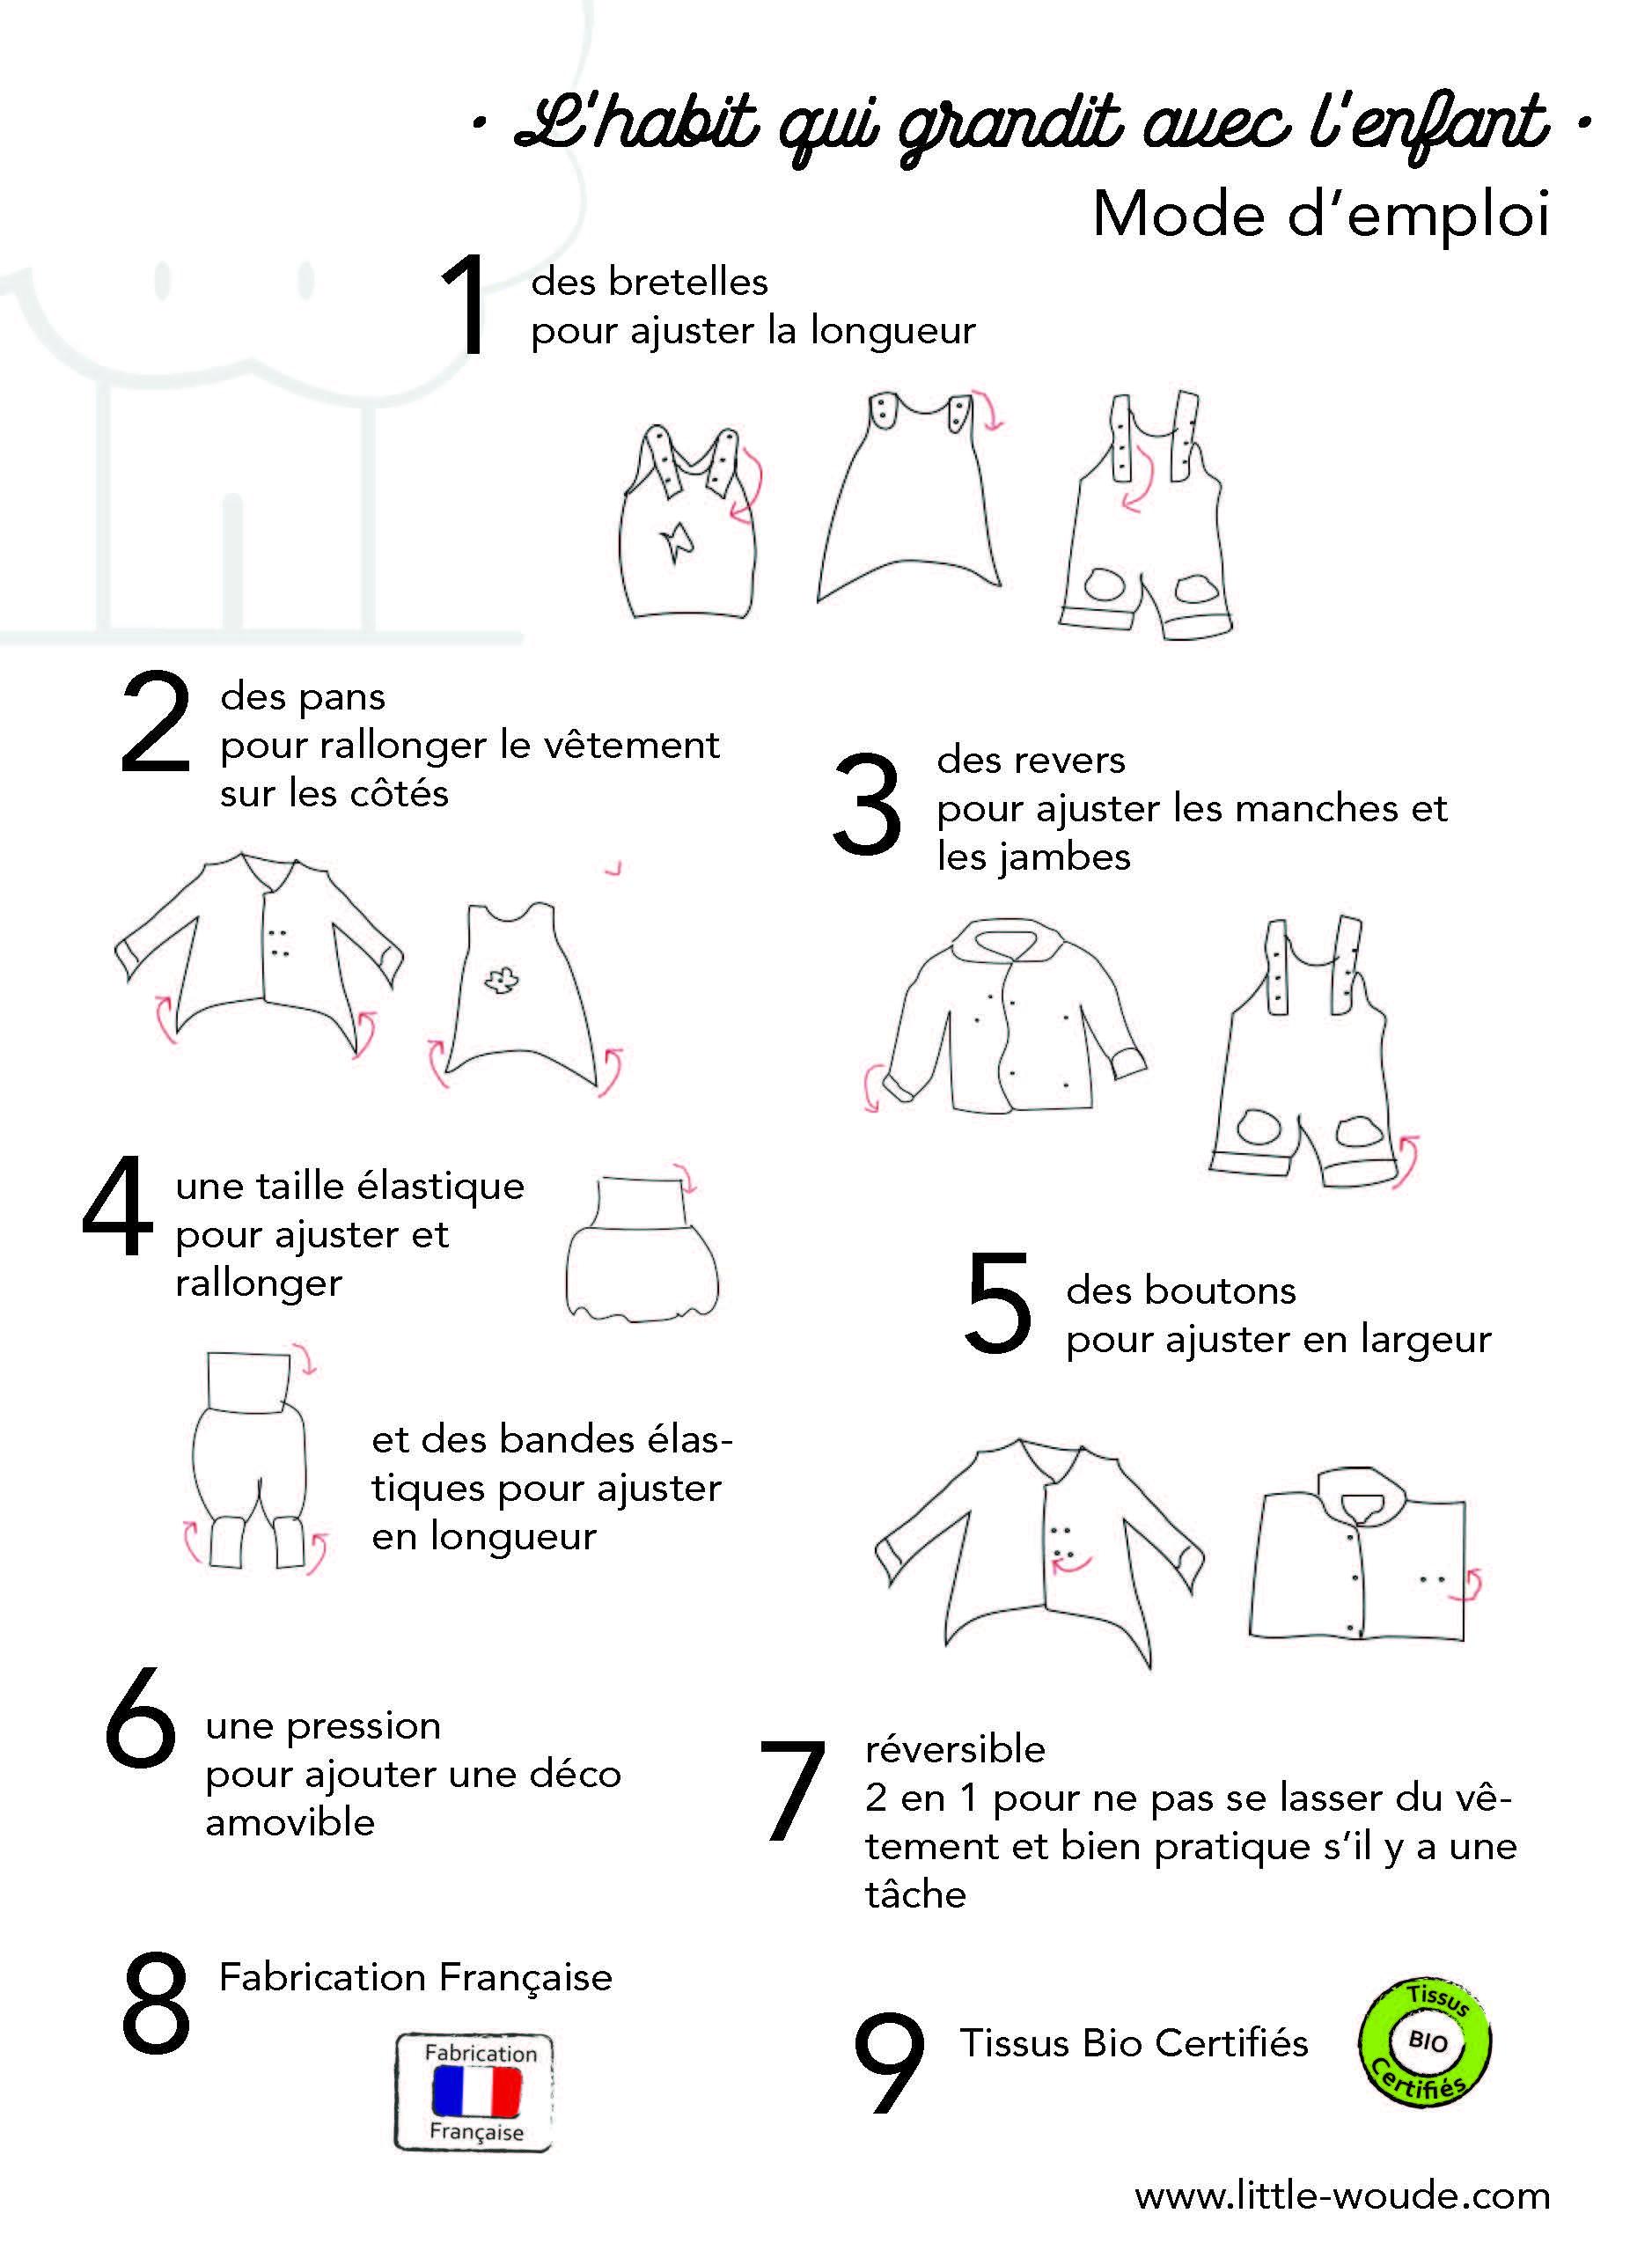 concept innovant de vêtements évolutifs et réversibles